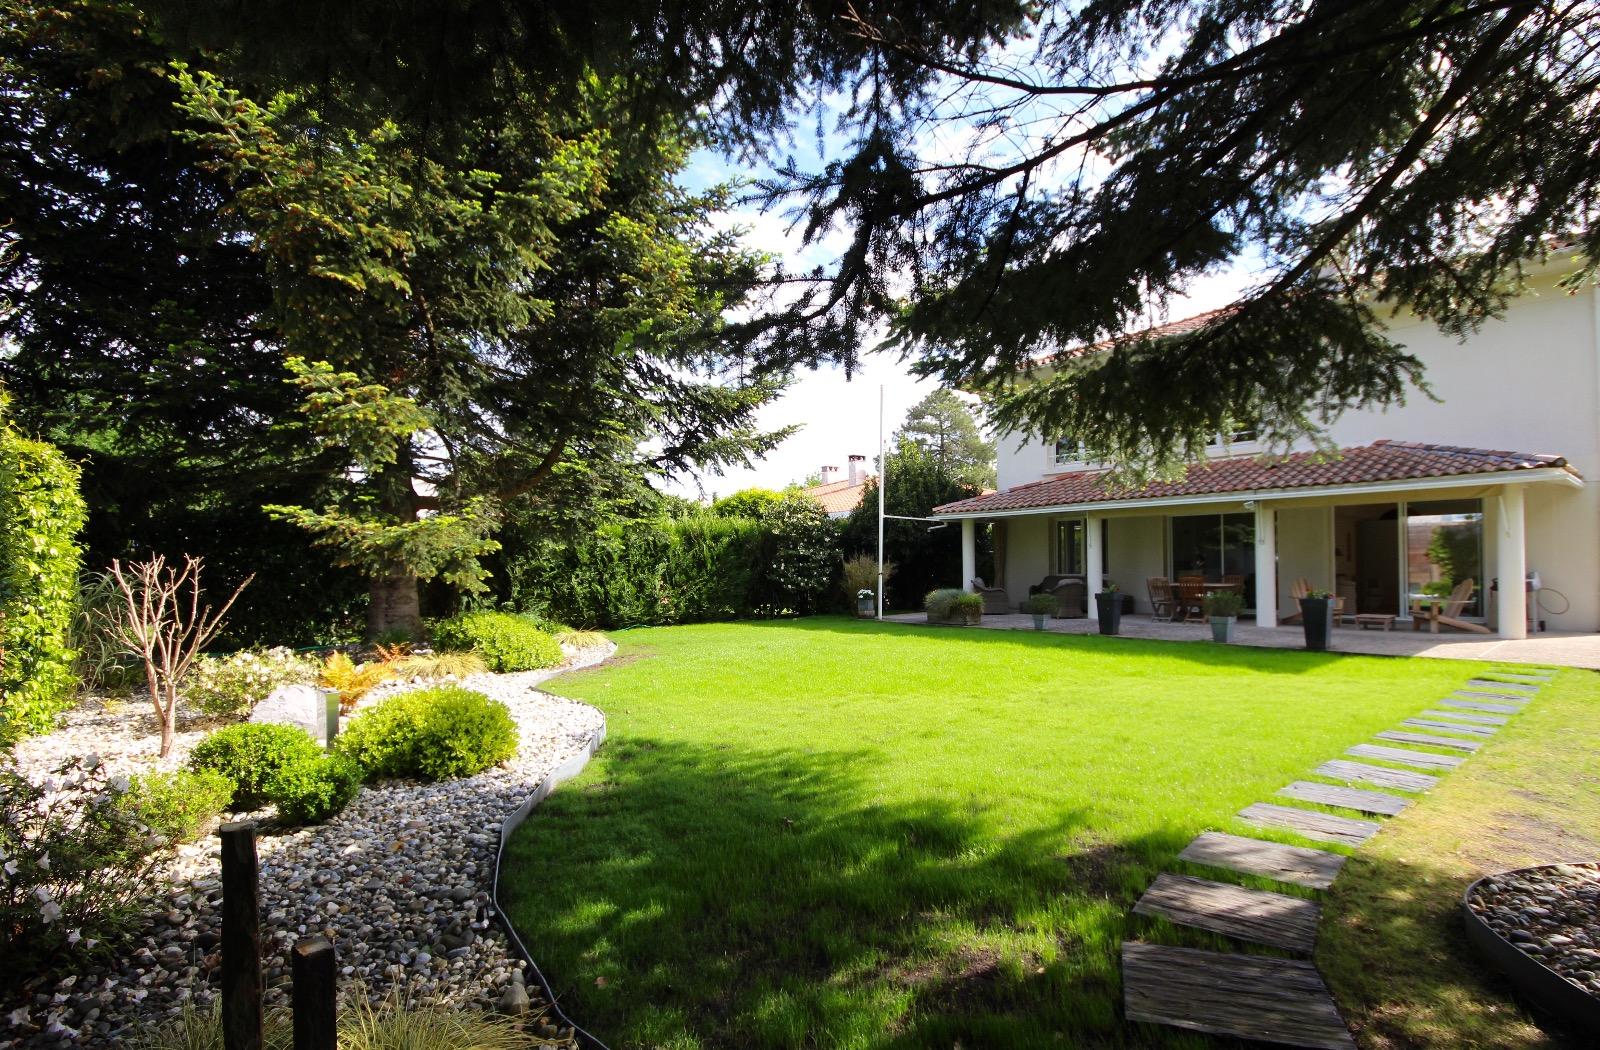 vente villa gujan mestras 33470 181m avec 7 pi ce s dont 4 chambre s sur 992m de terrain. Black Bedroom Furniture Sets. Home Design Ideas